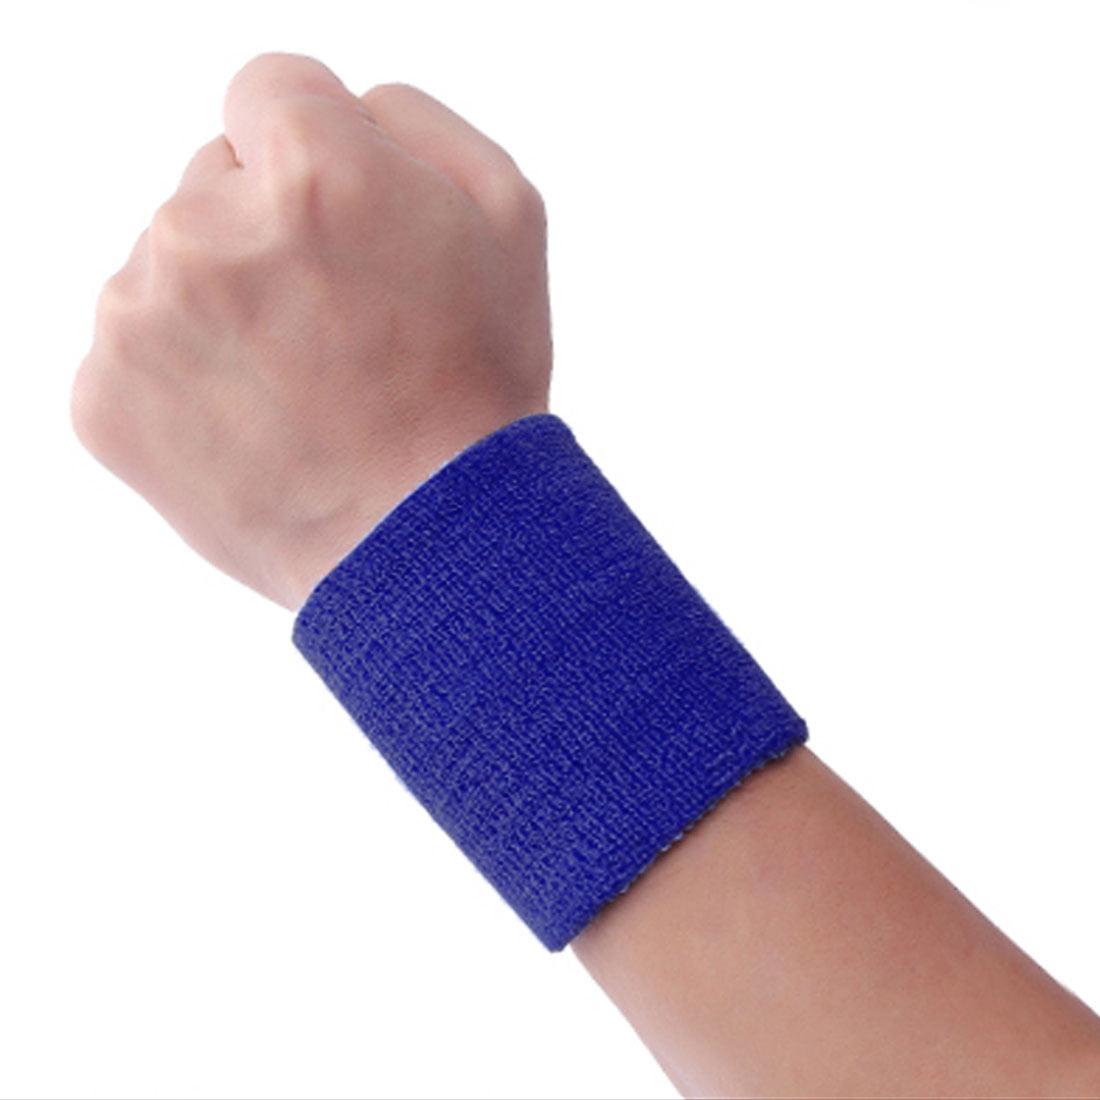 Sport Exercise Sweatband Wristband Bandage Wrap Protection